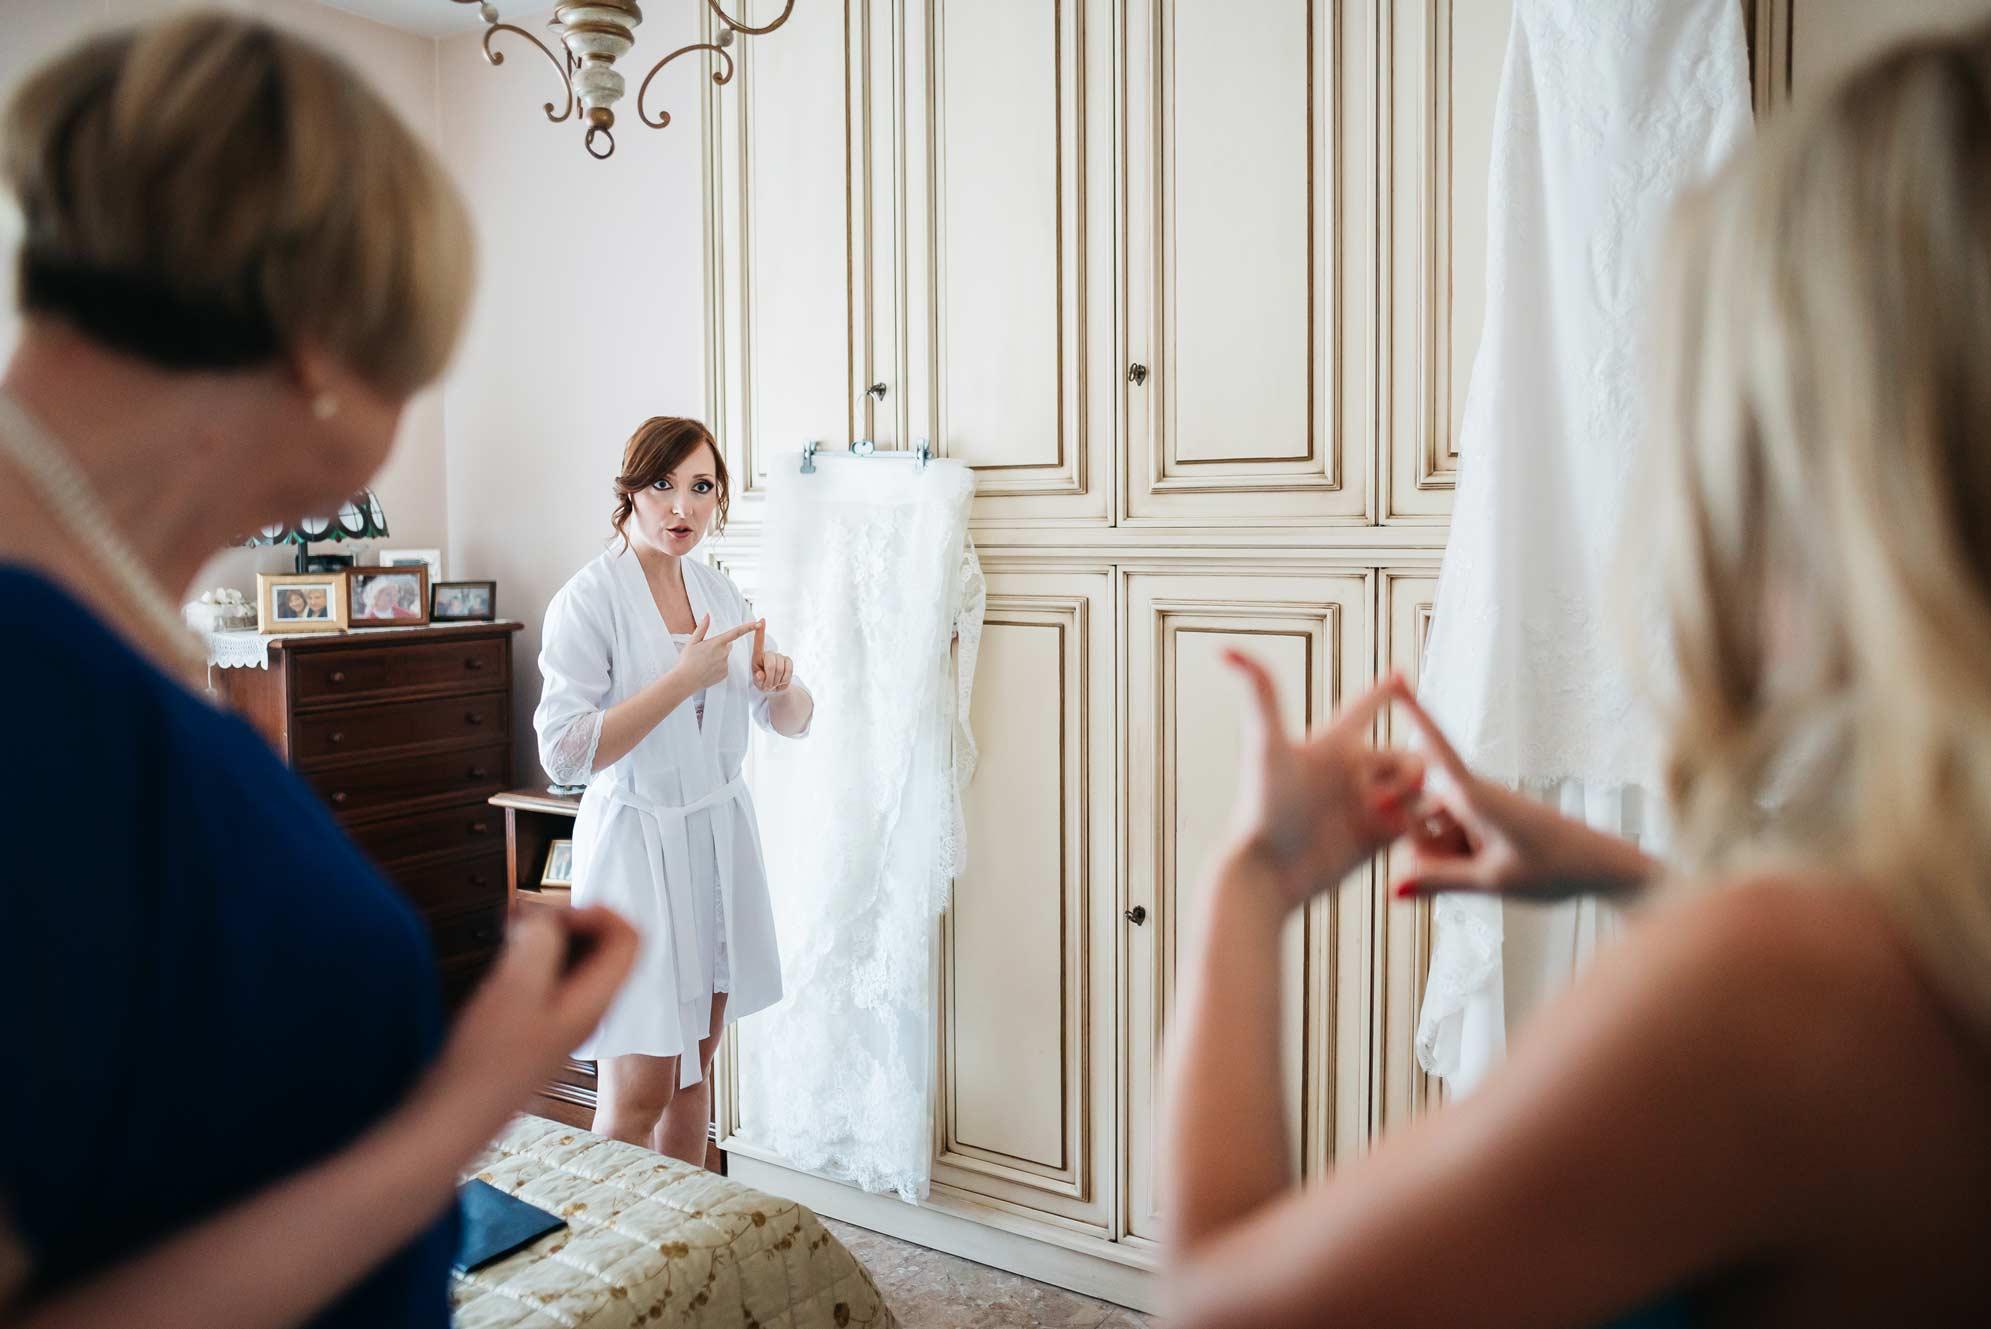 Fotografo-Sposi-Preparativi-Sposa